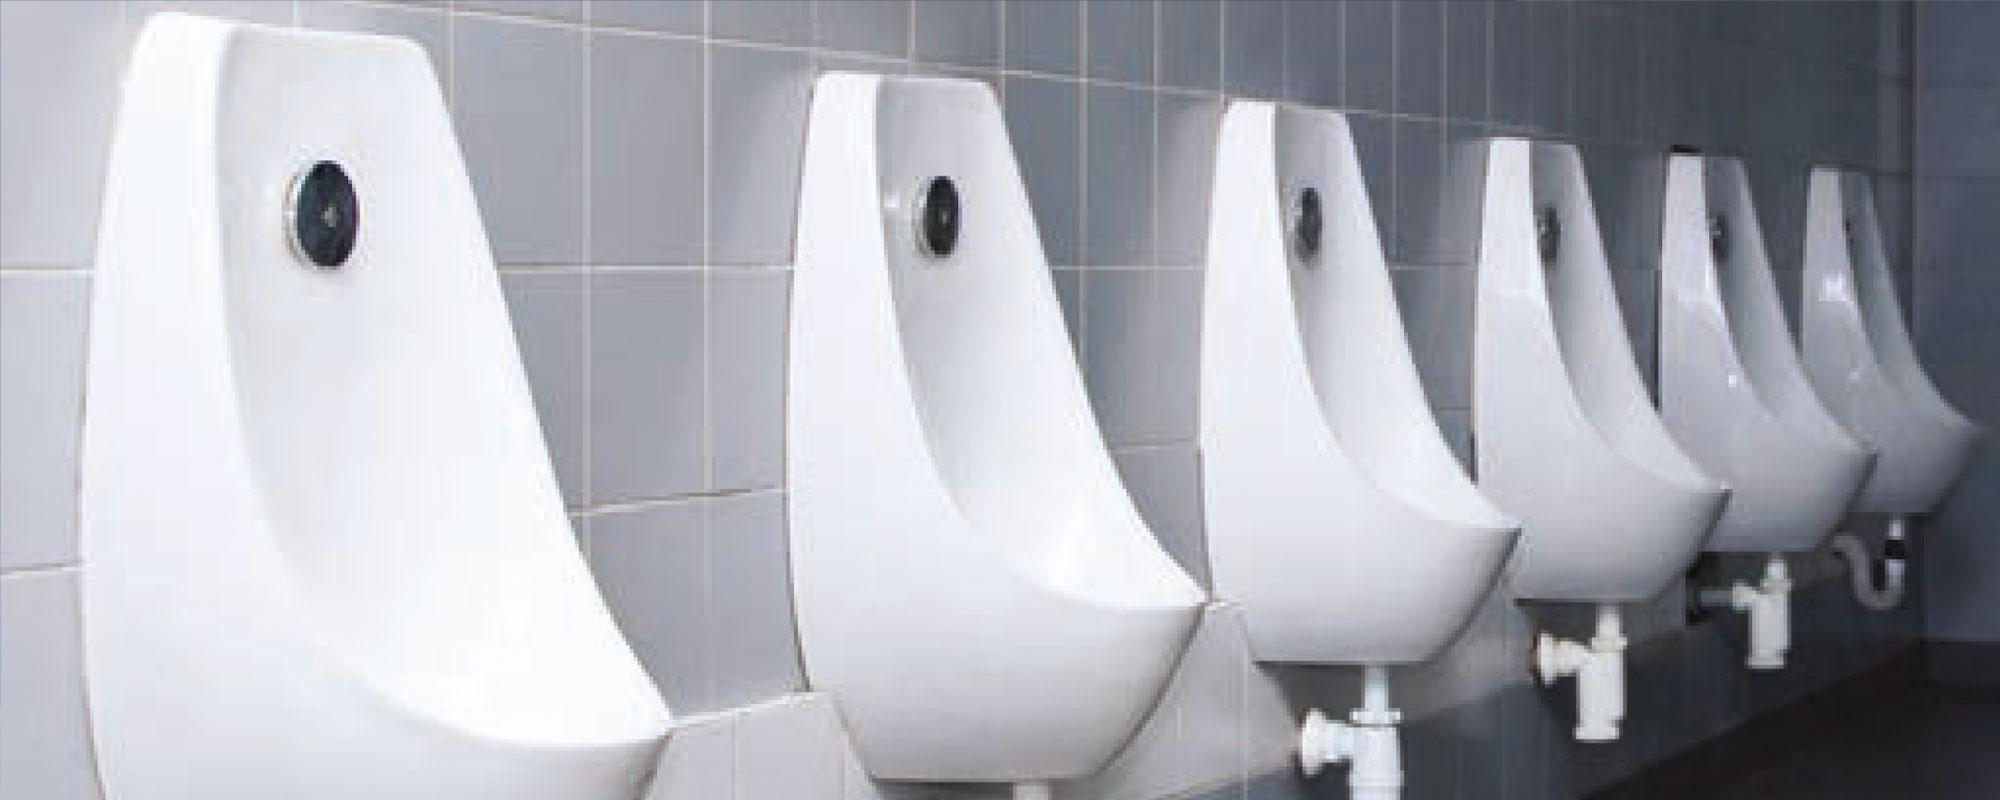 urinals hero